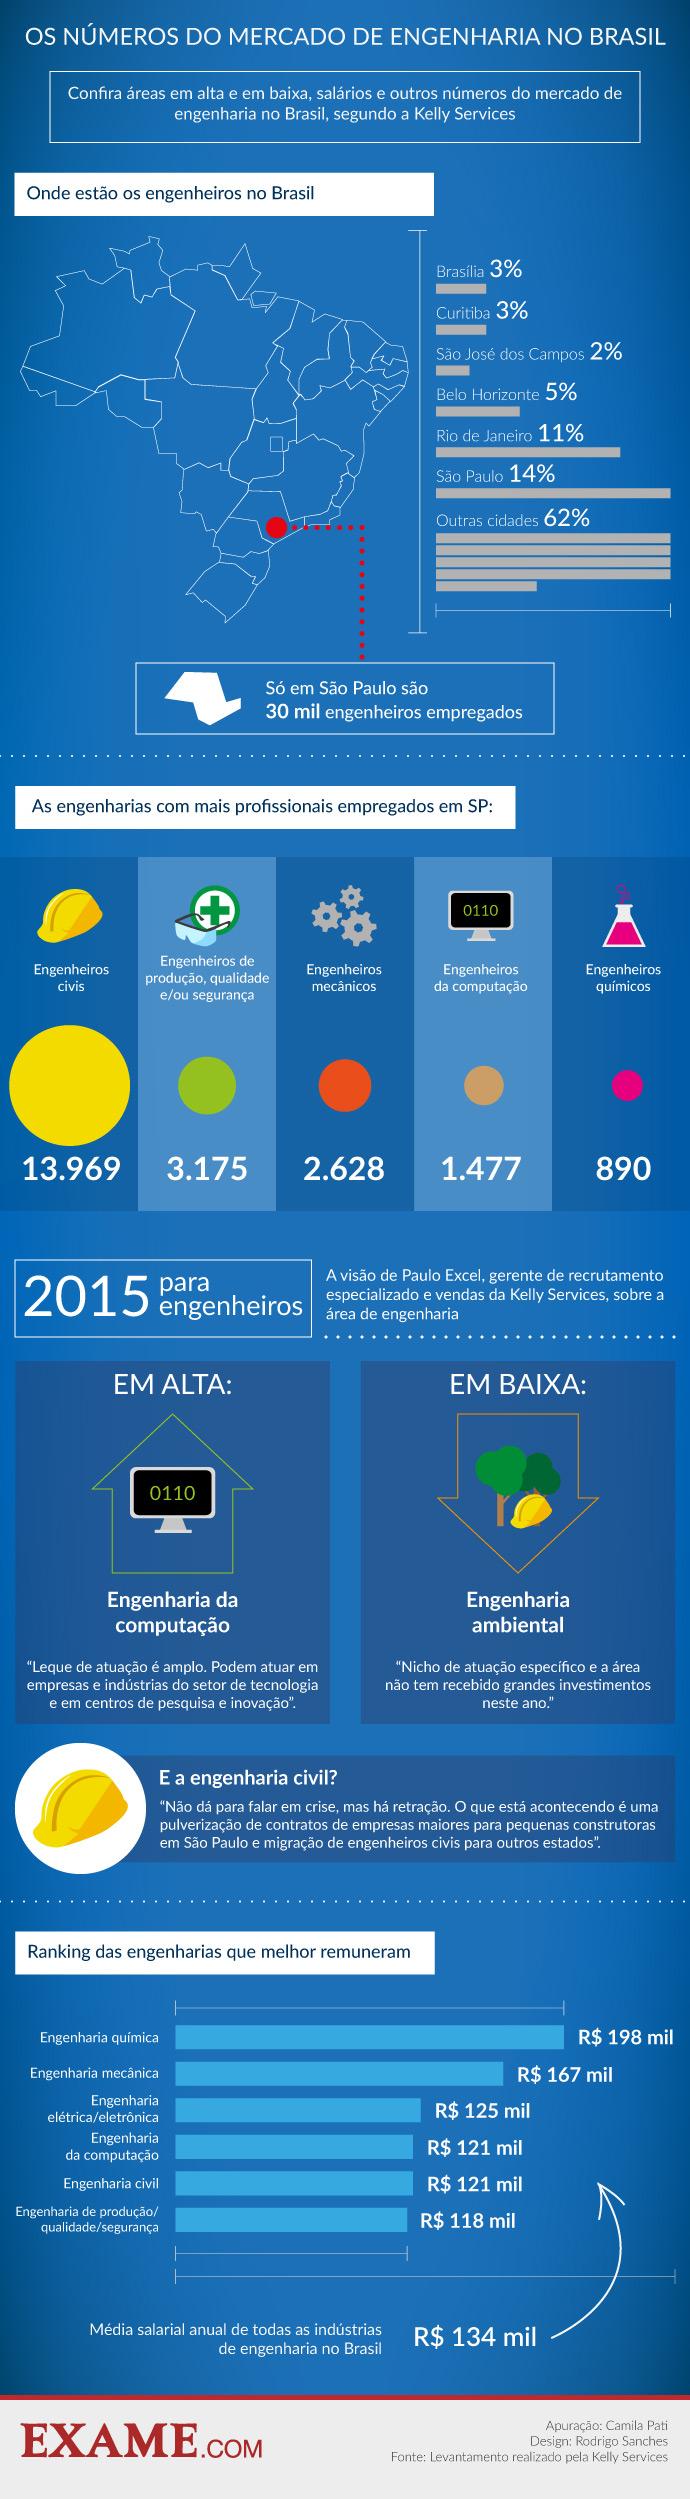 Imagem publicada em: exame.abril.com.br